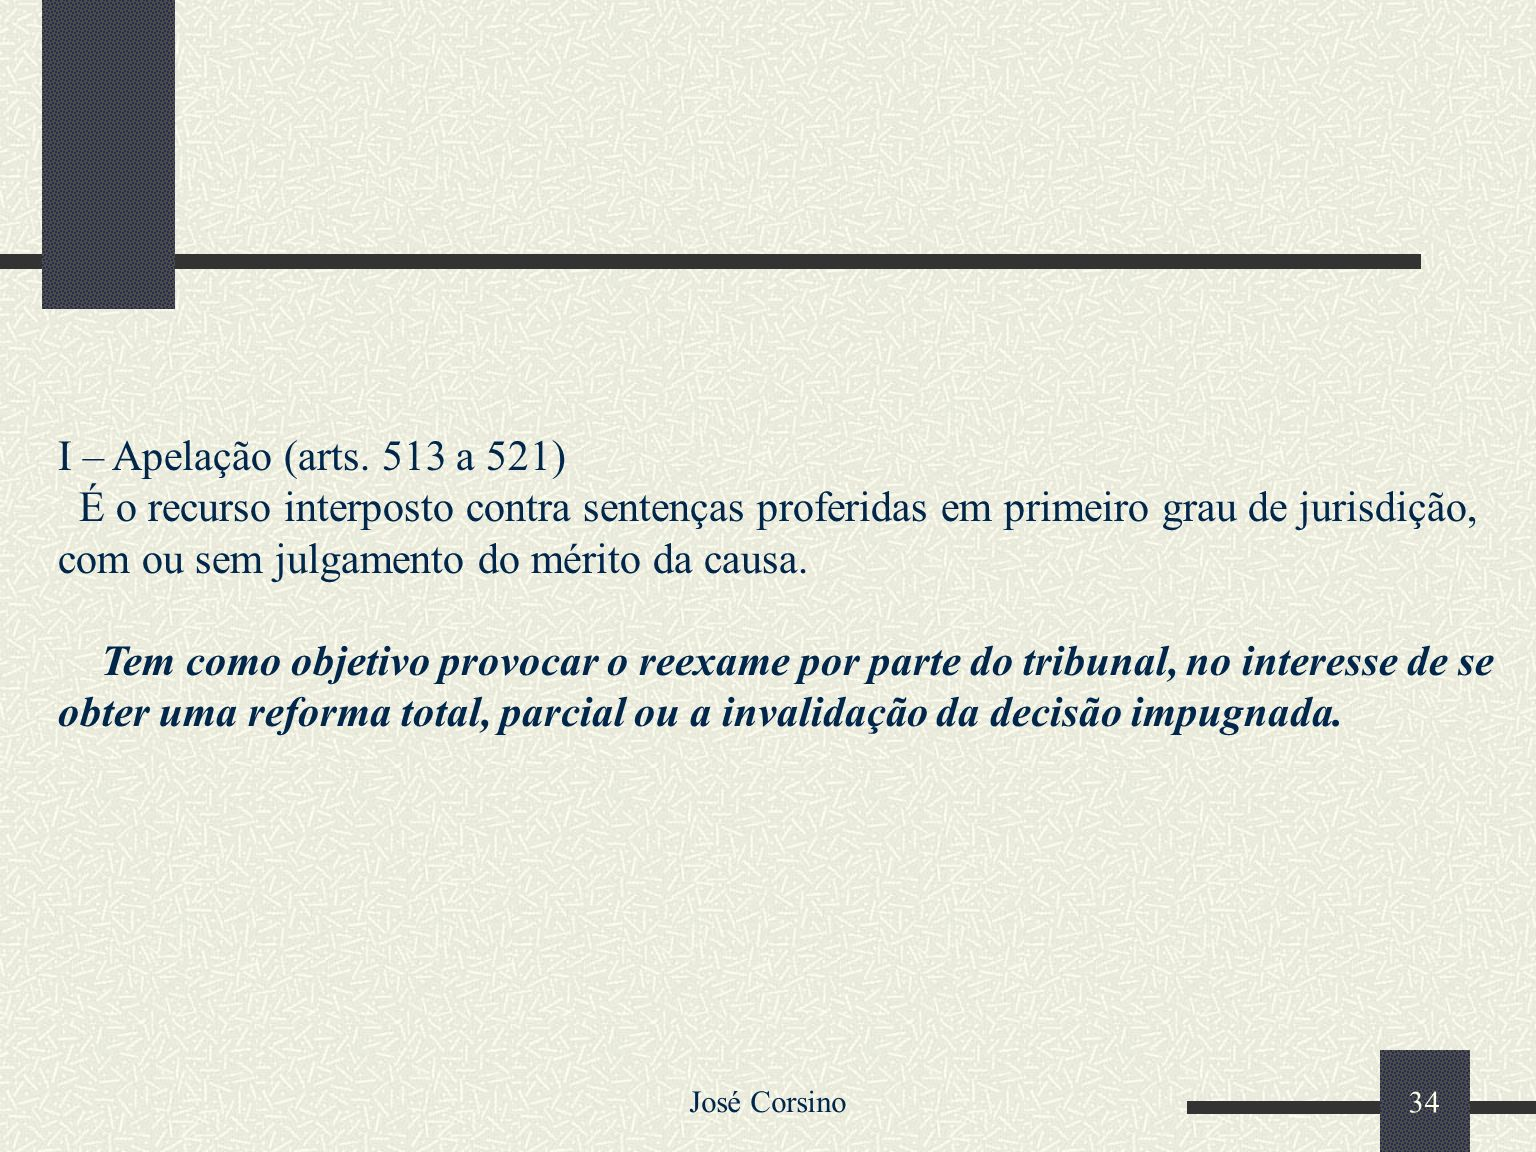 I – Apelação (arts. 513 a 521)